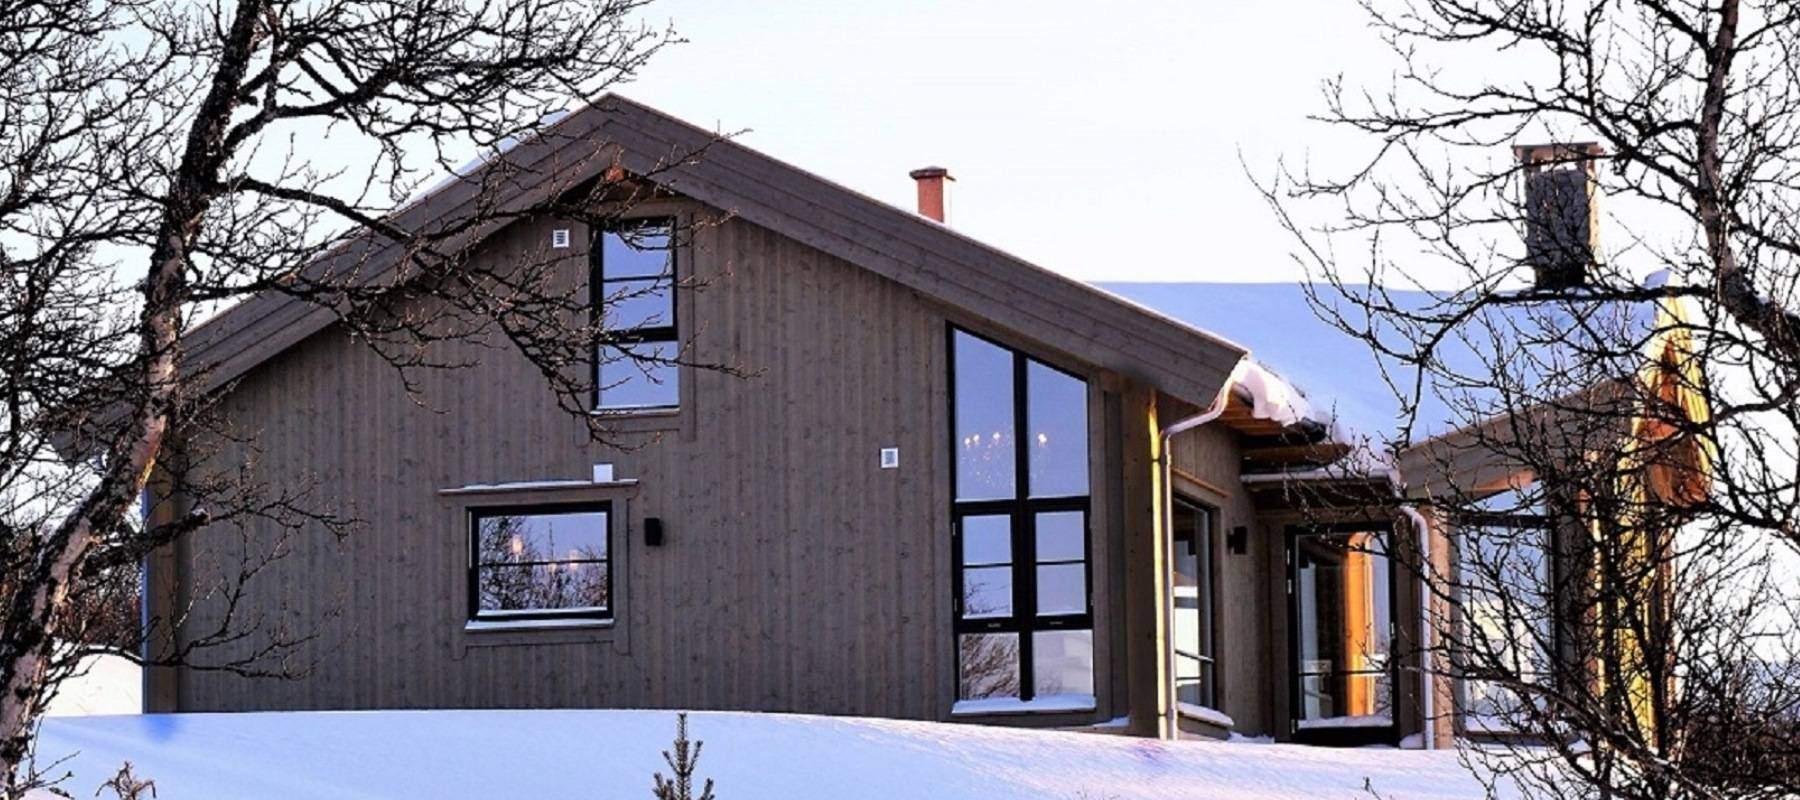 78 Hyttemodell Hytteinspirasjon Hytte Uvdal